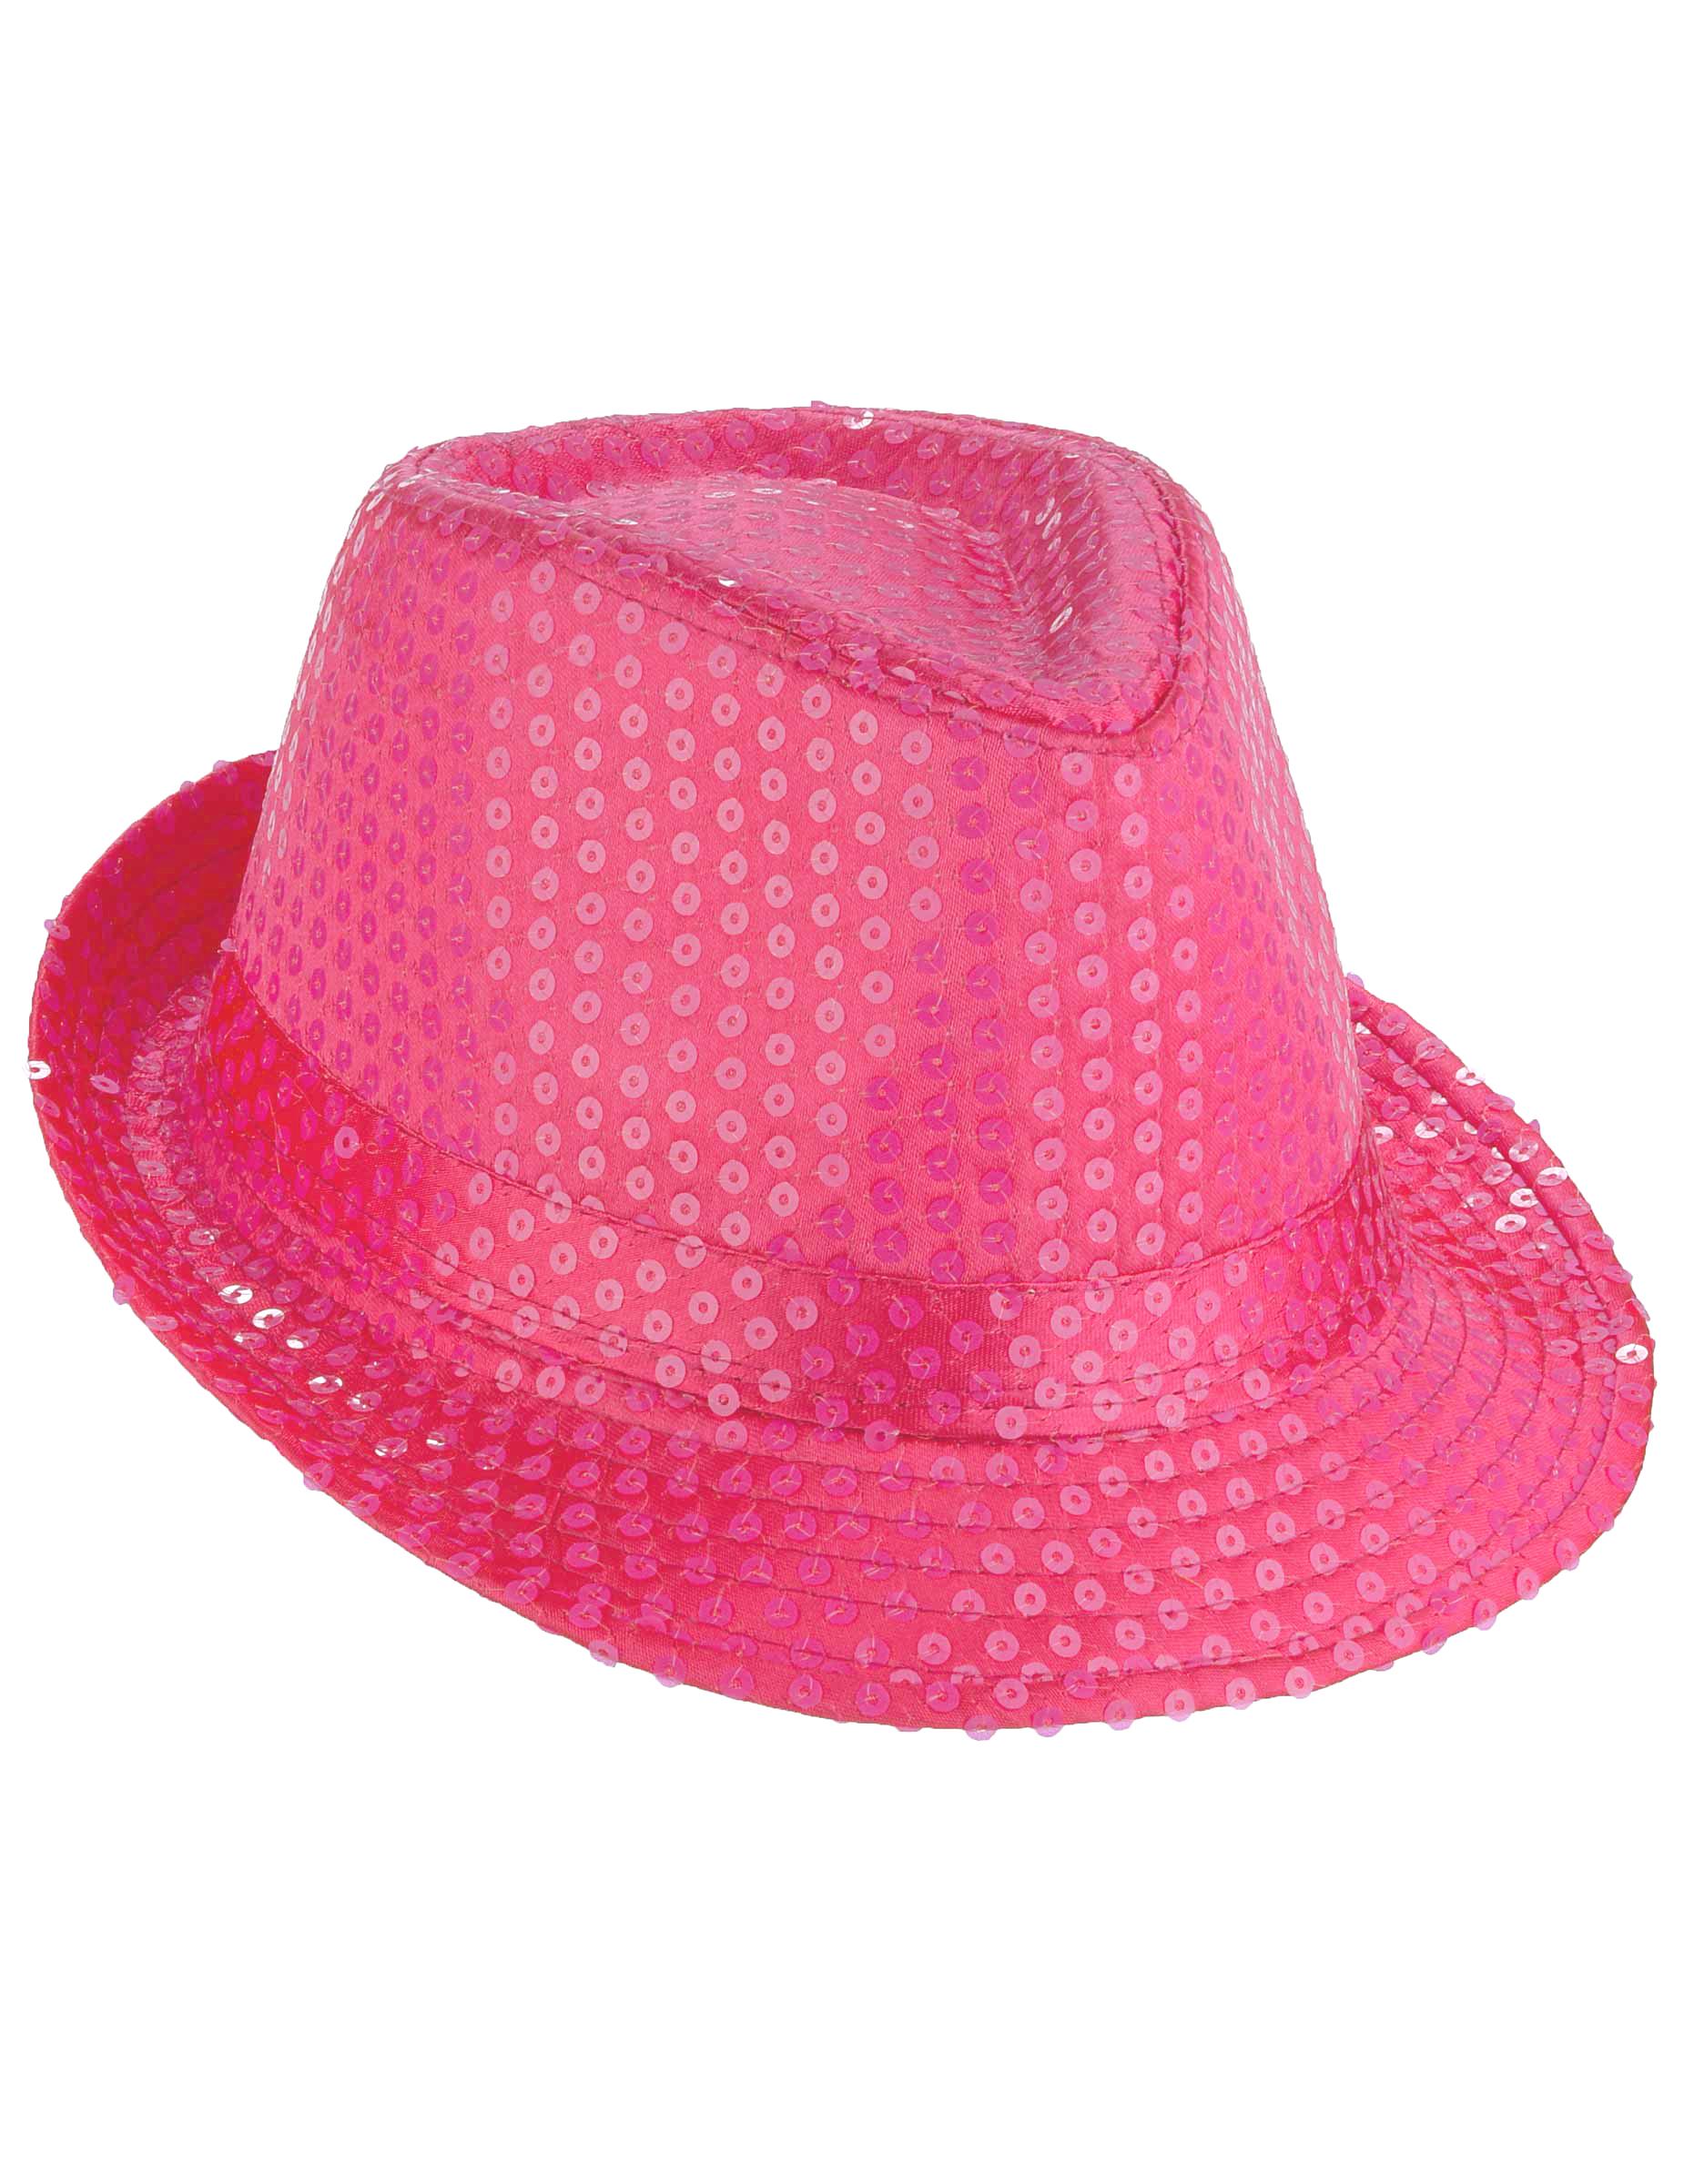 Chapeau borsalino à sequins rose fluo adulte   Deguise-toi, achat de ... 7f6b48aecec